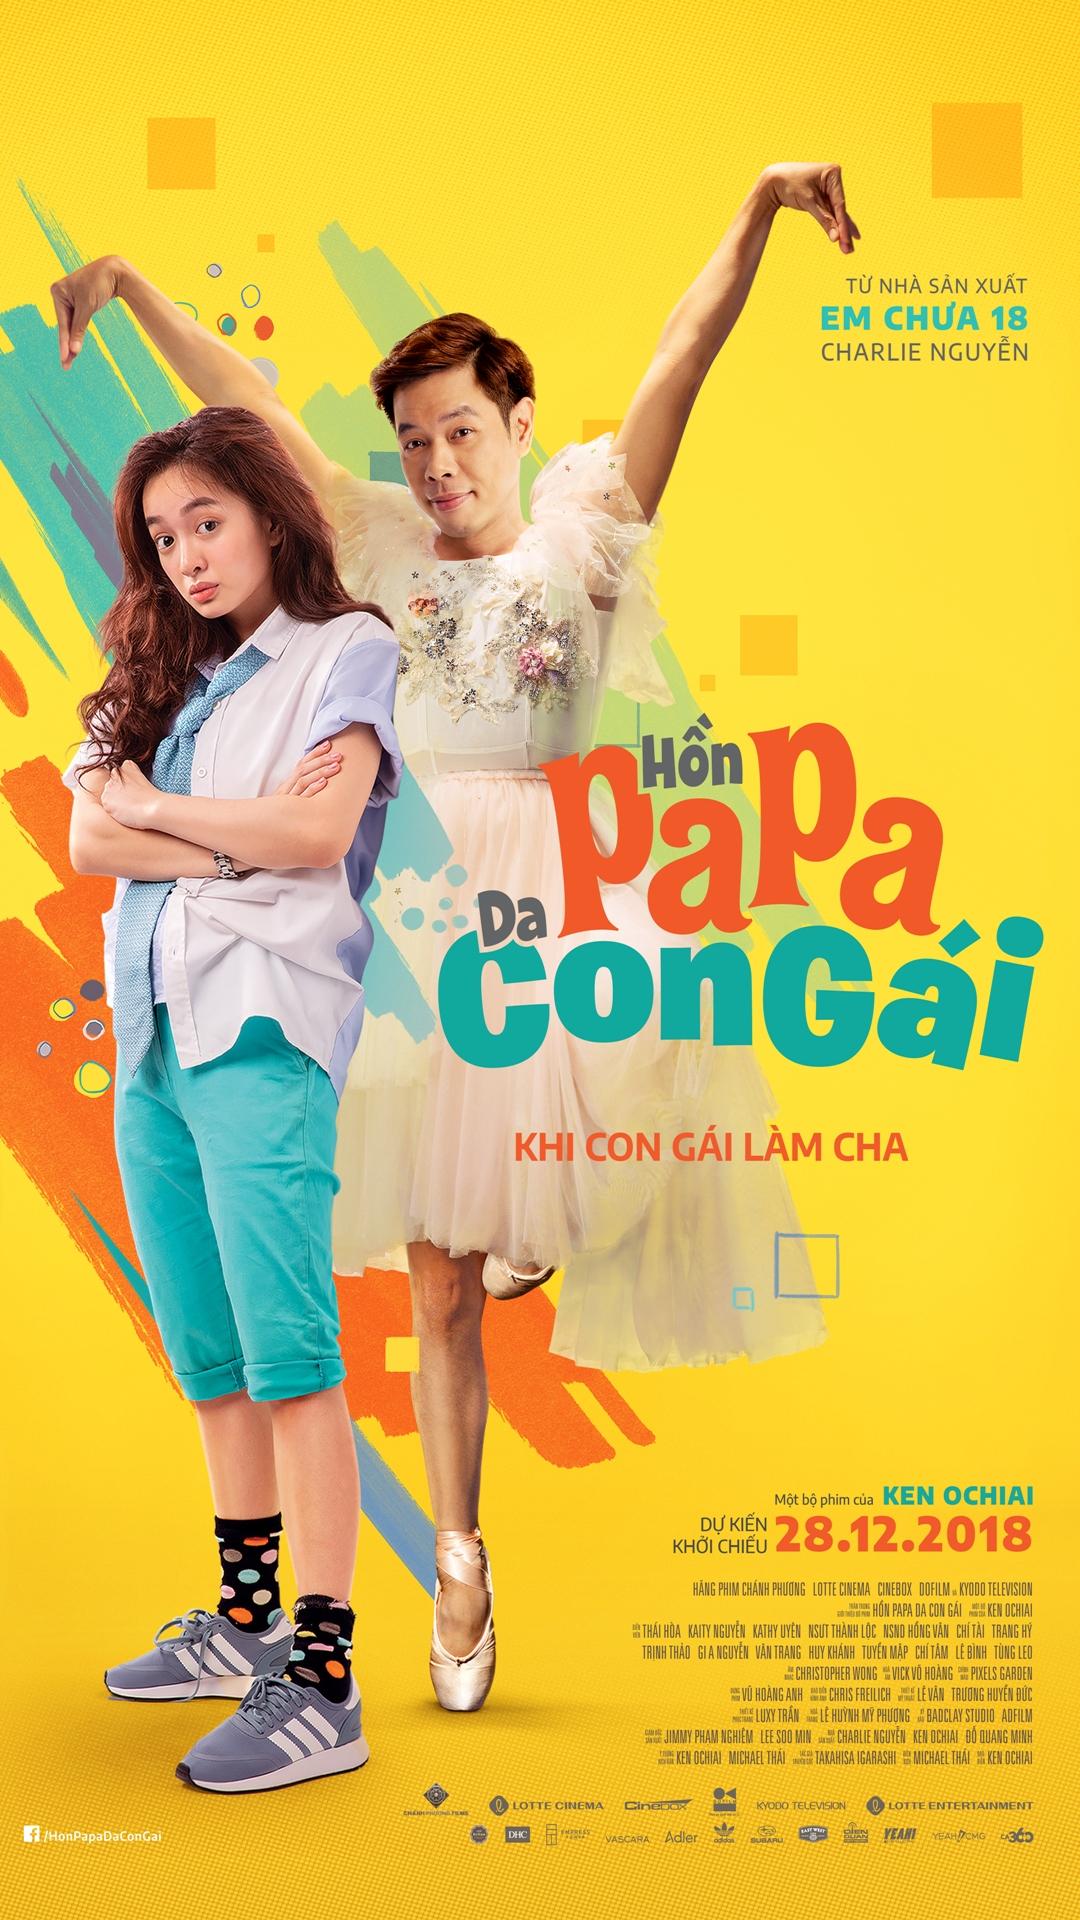 """Picture for category Xem phim """"HỒN PAPA DA CON GÁI"""" với giá chỉ 50.000đ"""